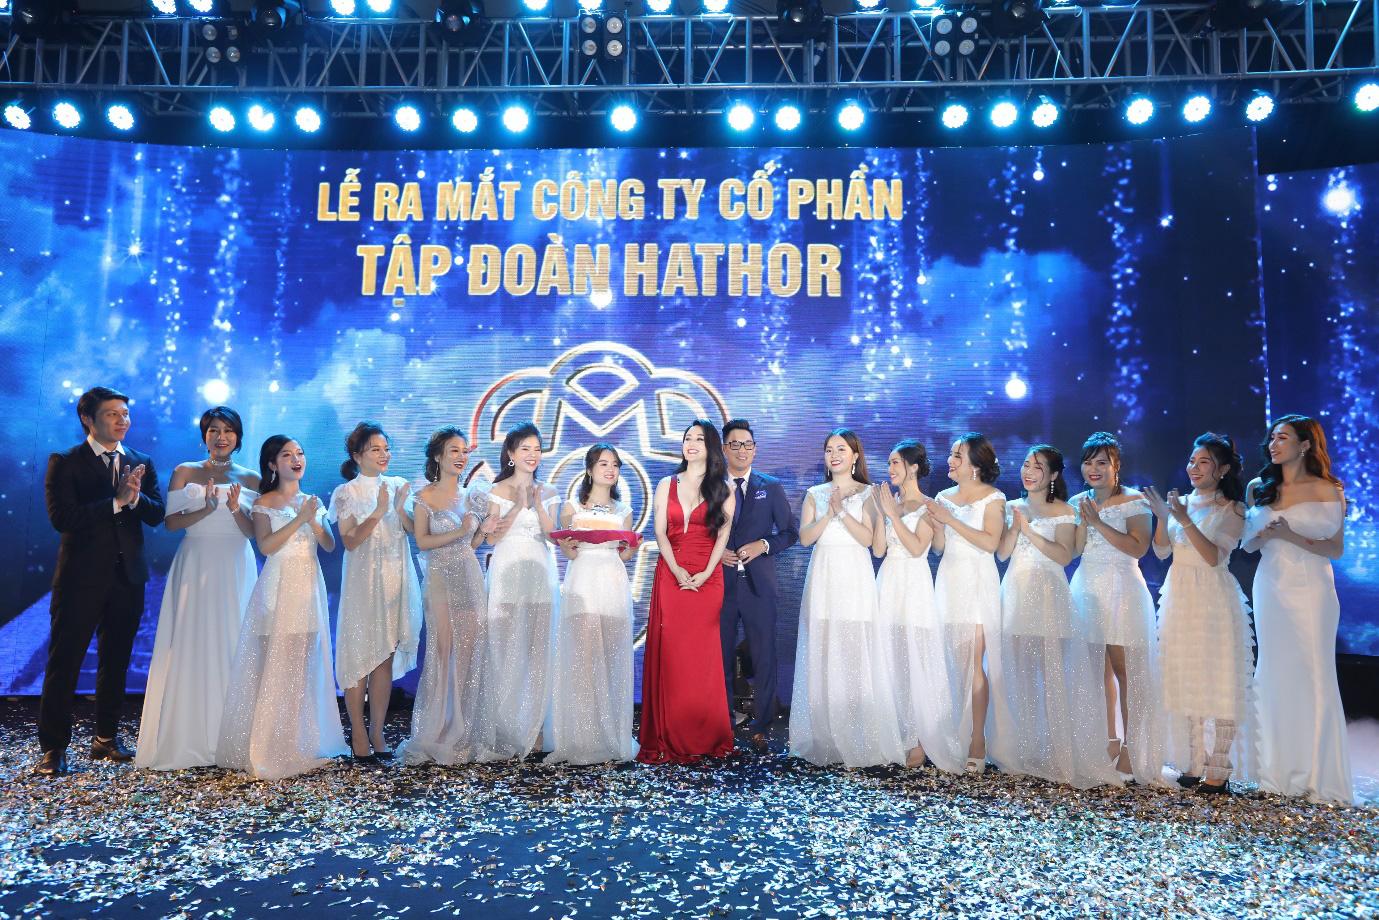 Lễ ra mắt Công ty Cổ phần Tập đoàn Hathor quy tụ nhiều ngôi sao nổi tiếng - Ảnh 1.